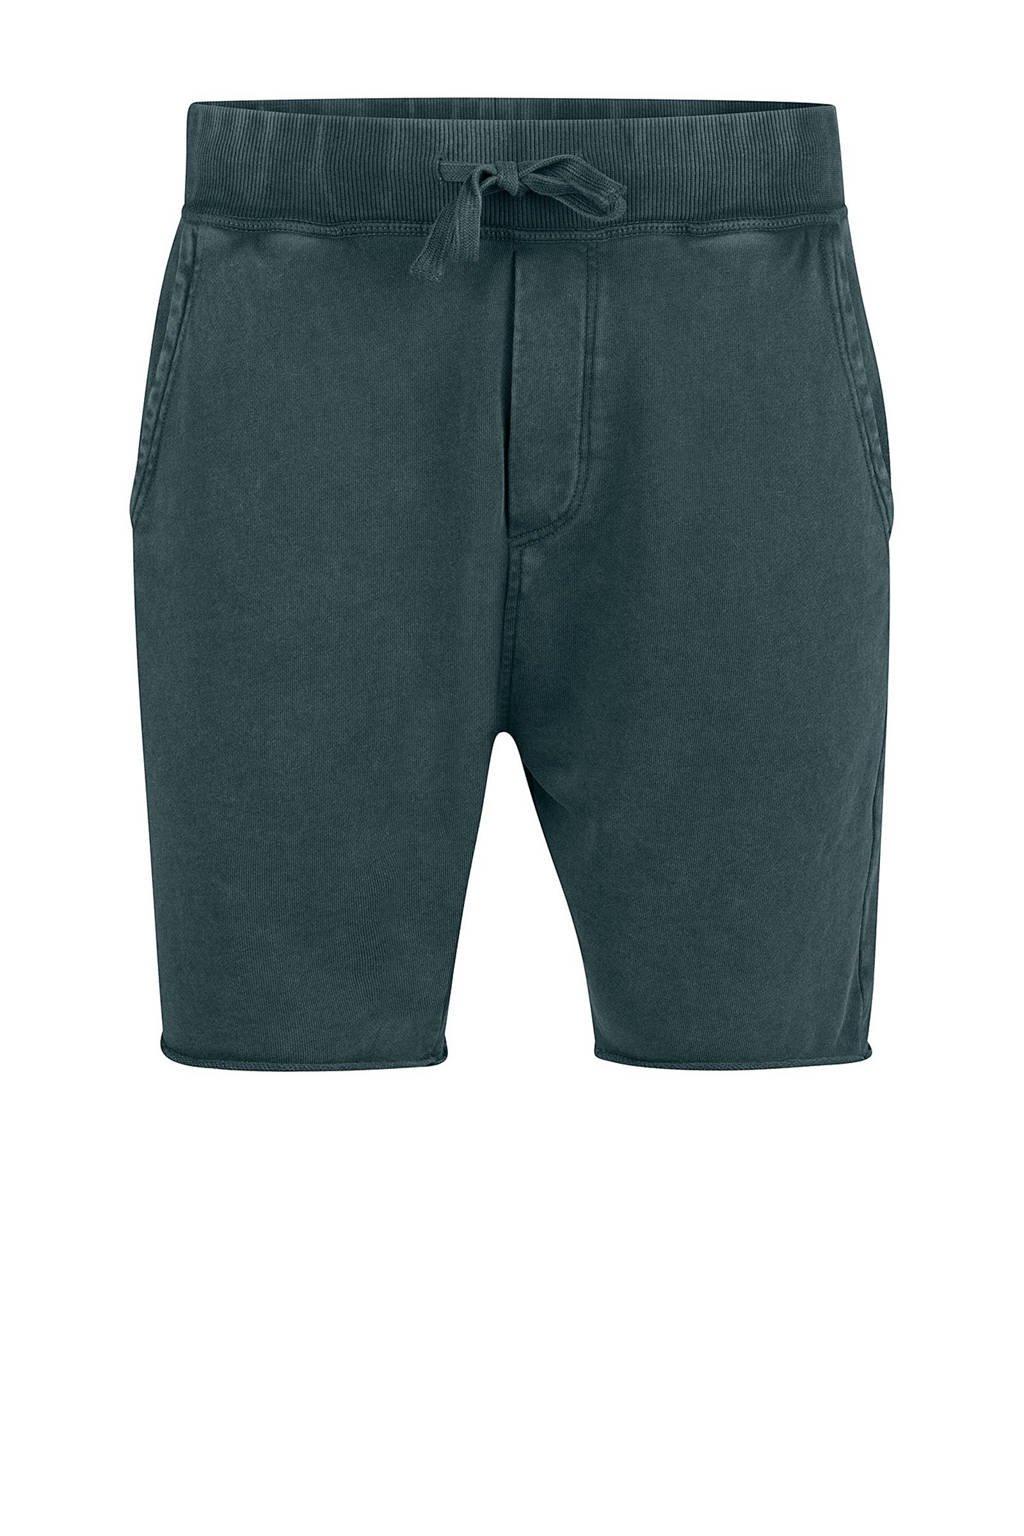 WE Fashion regular fit sweatshort groen, Groen